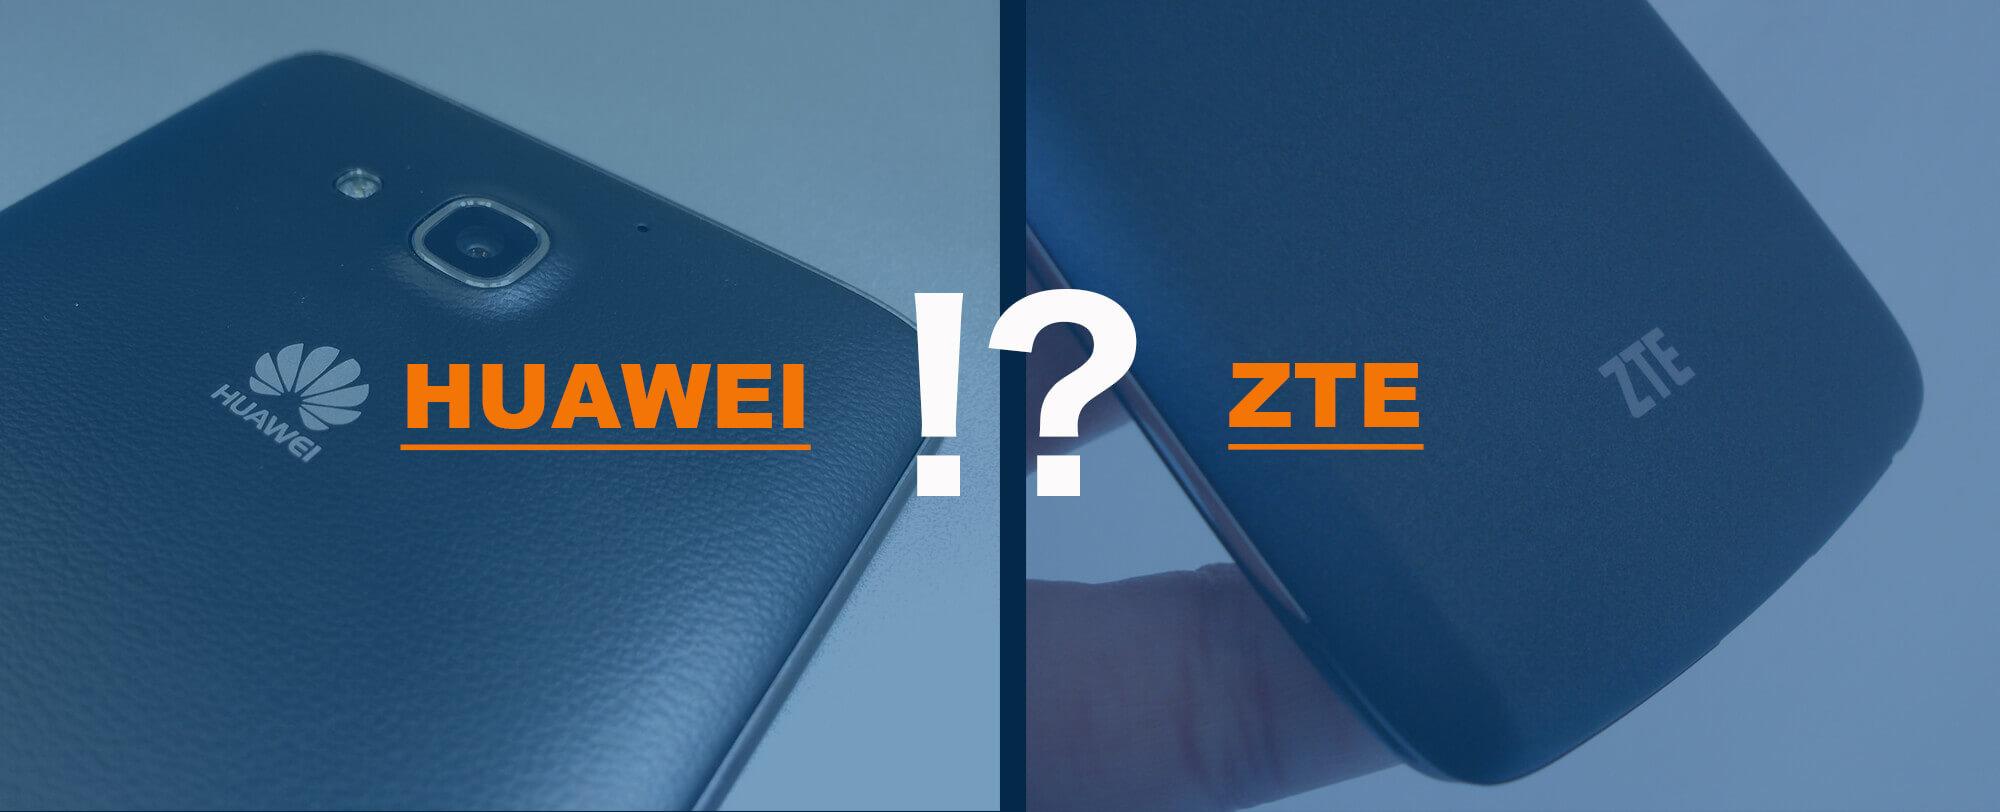 HUAWEI_ZTE_01-1 (1)